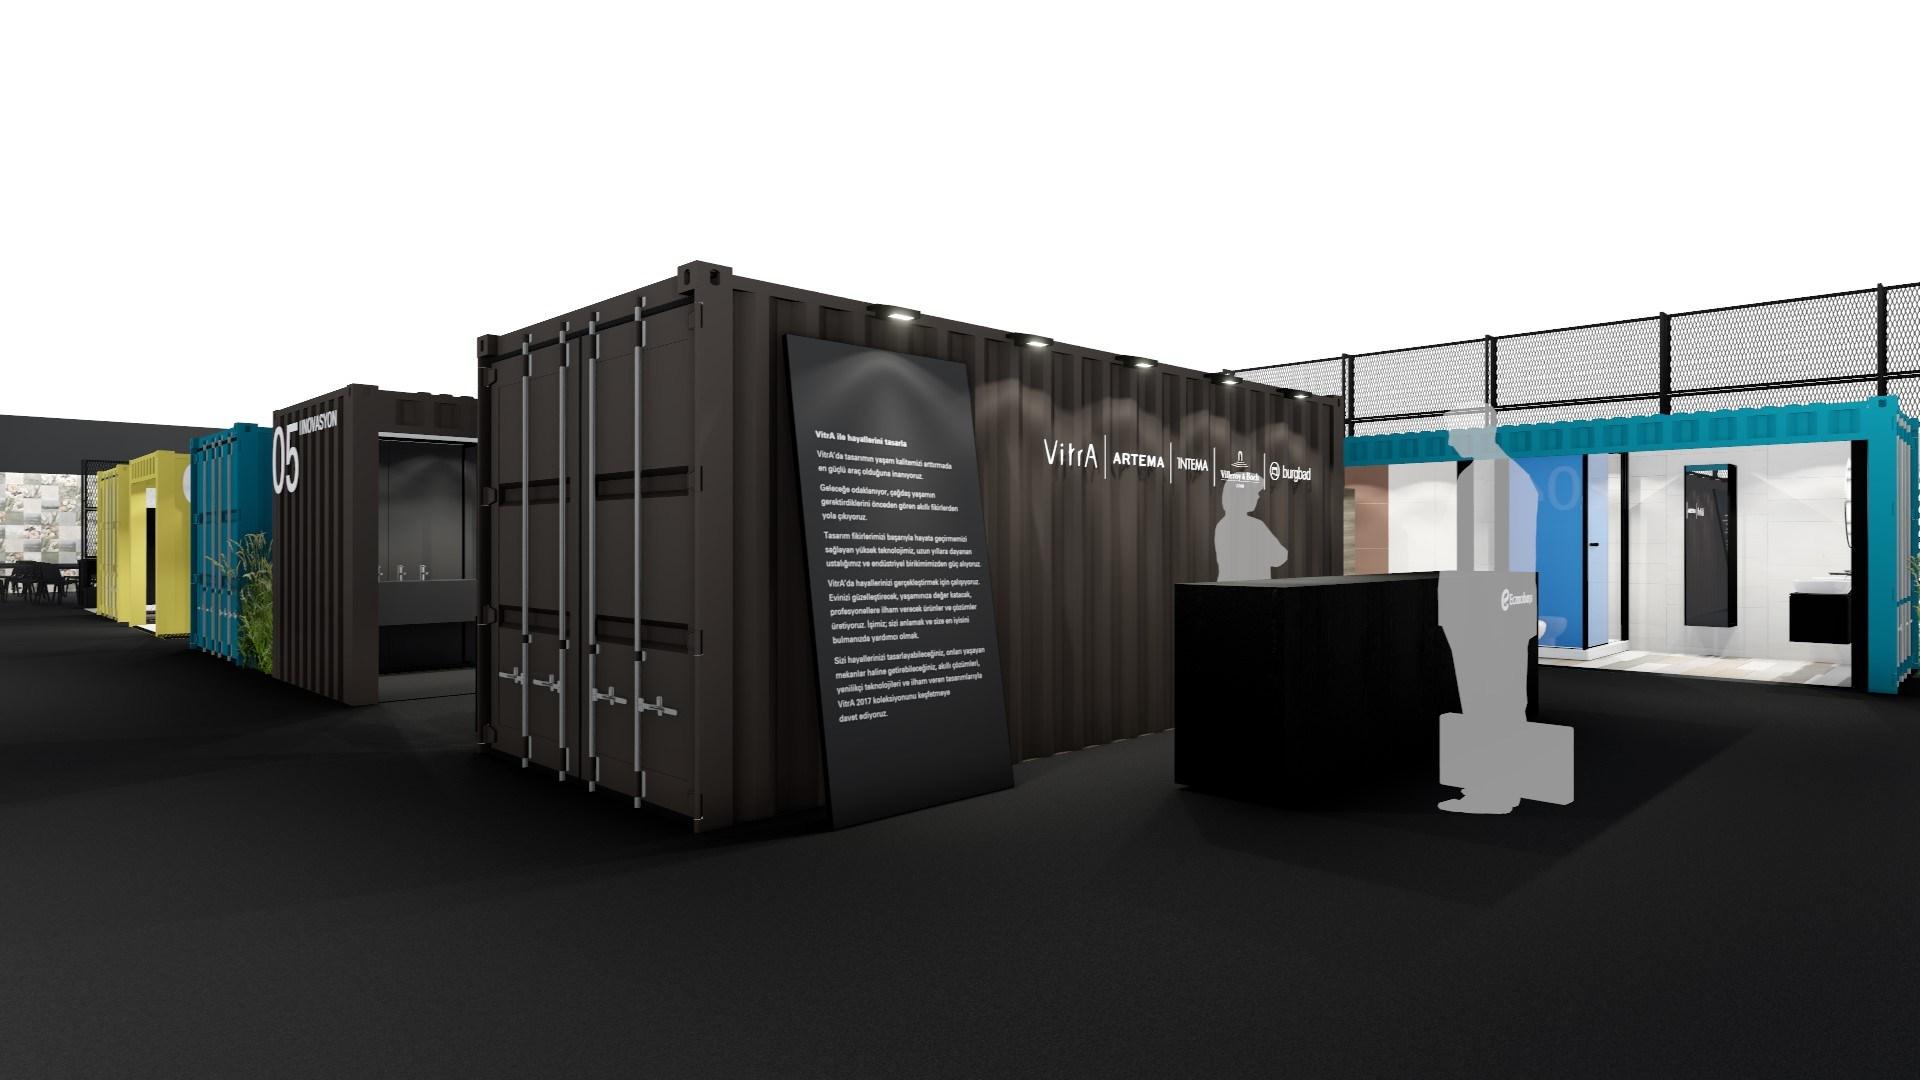 Neo Tasarım'ın SketchUp ve Lumion ile Hazırladığı Tasarım IF Design Awards 2018 Ödülü Aldı 15